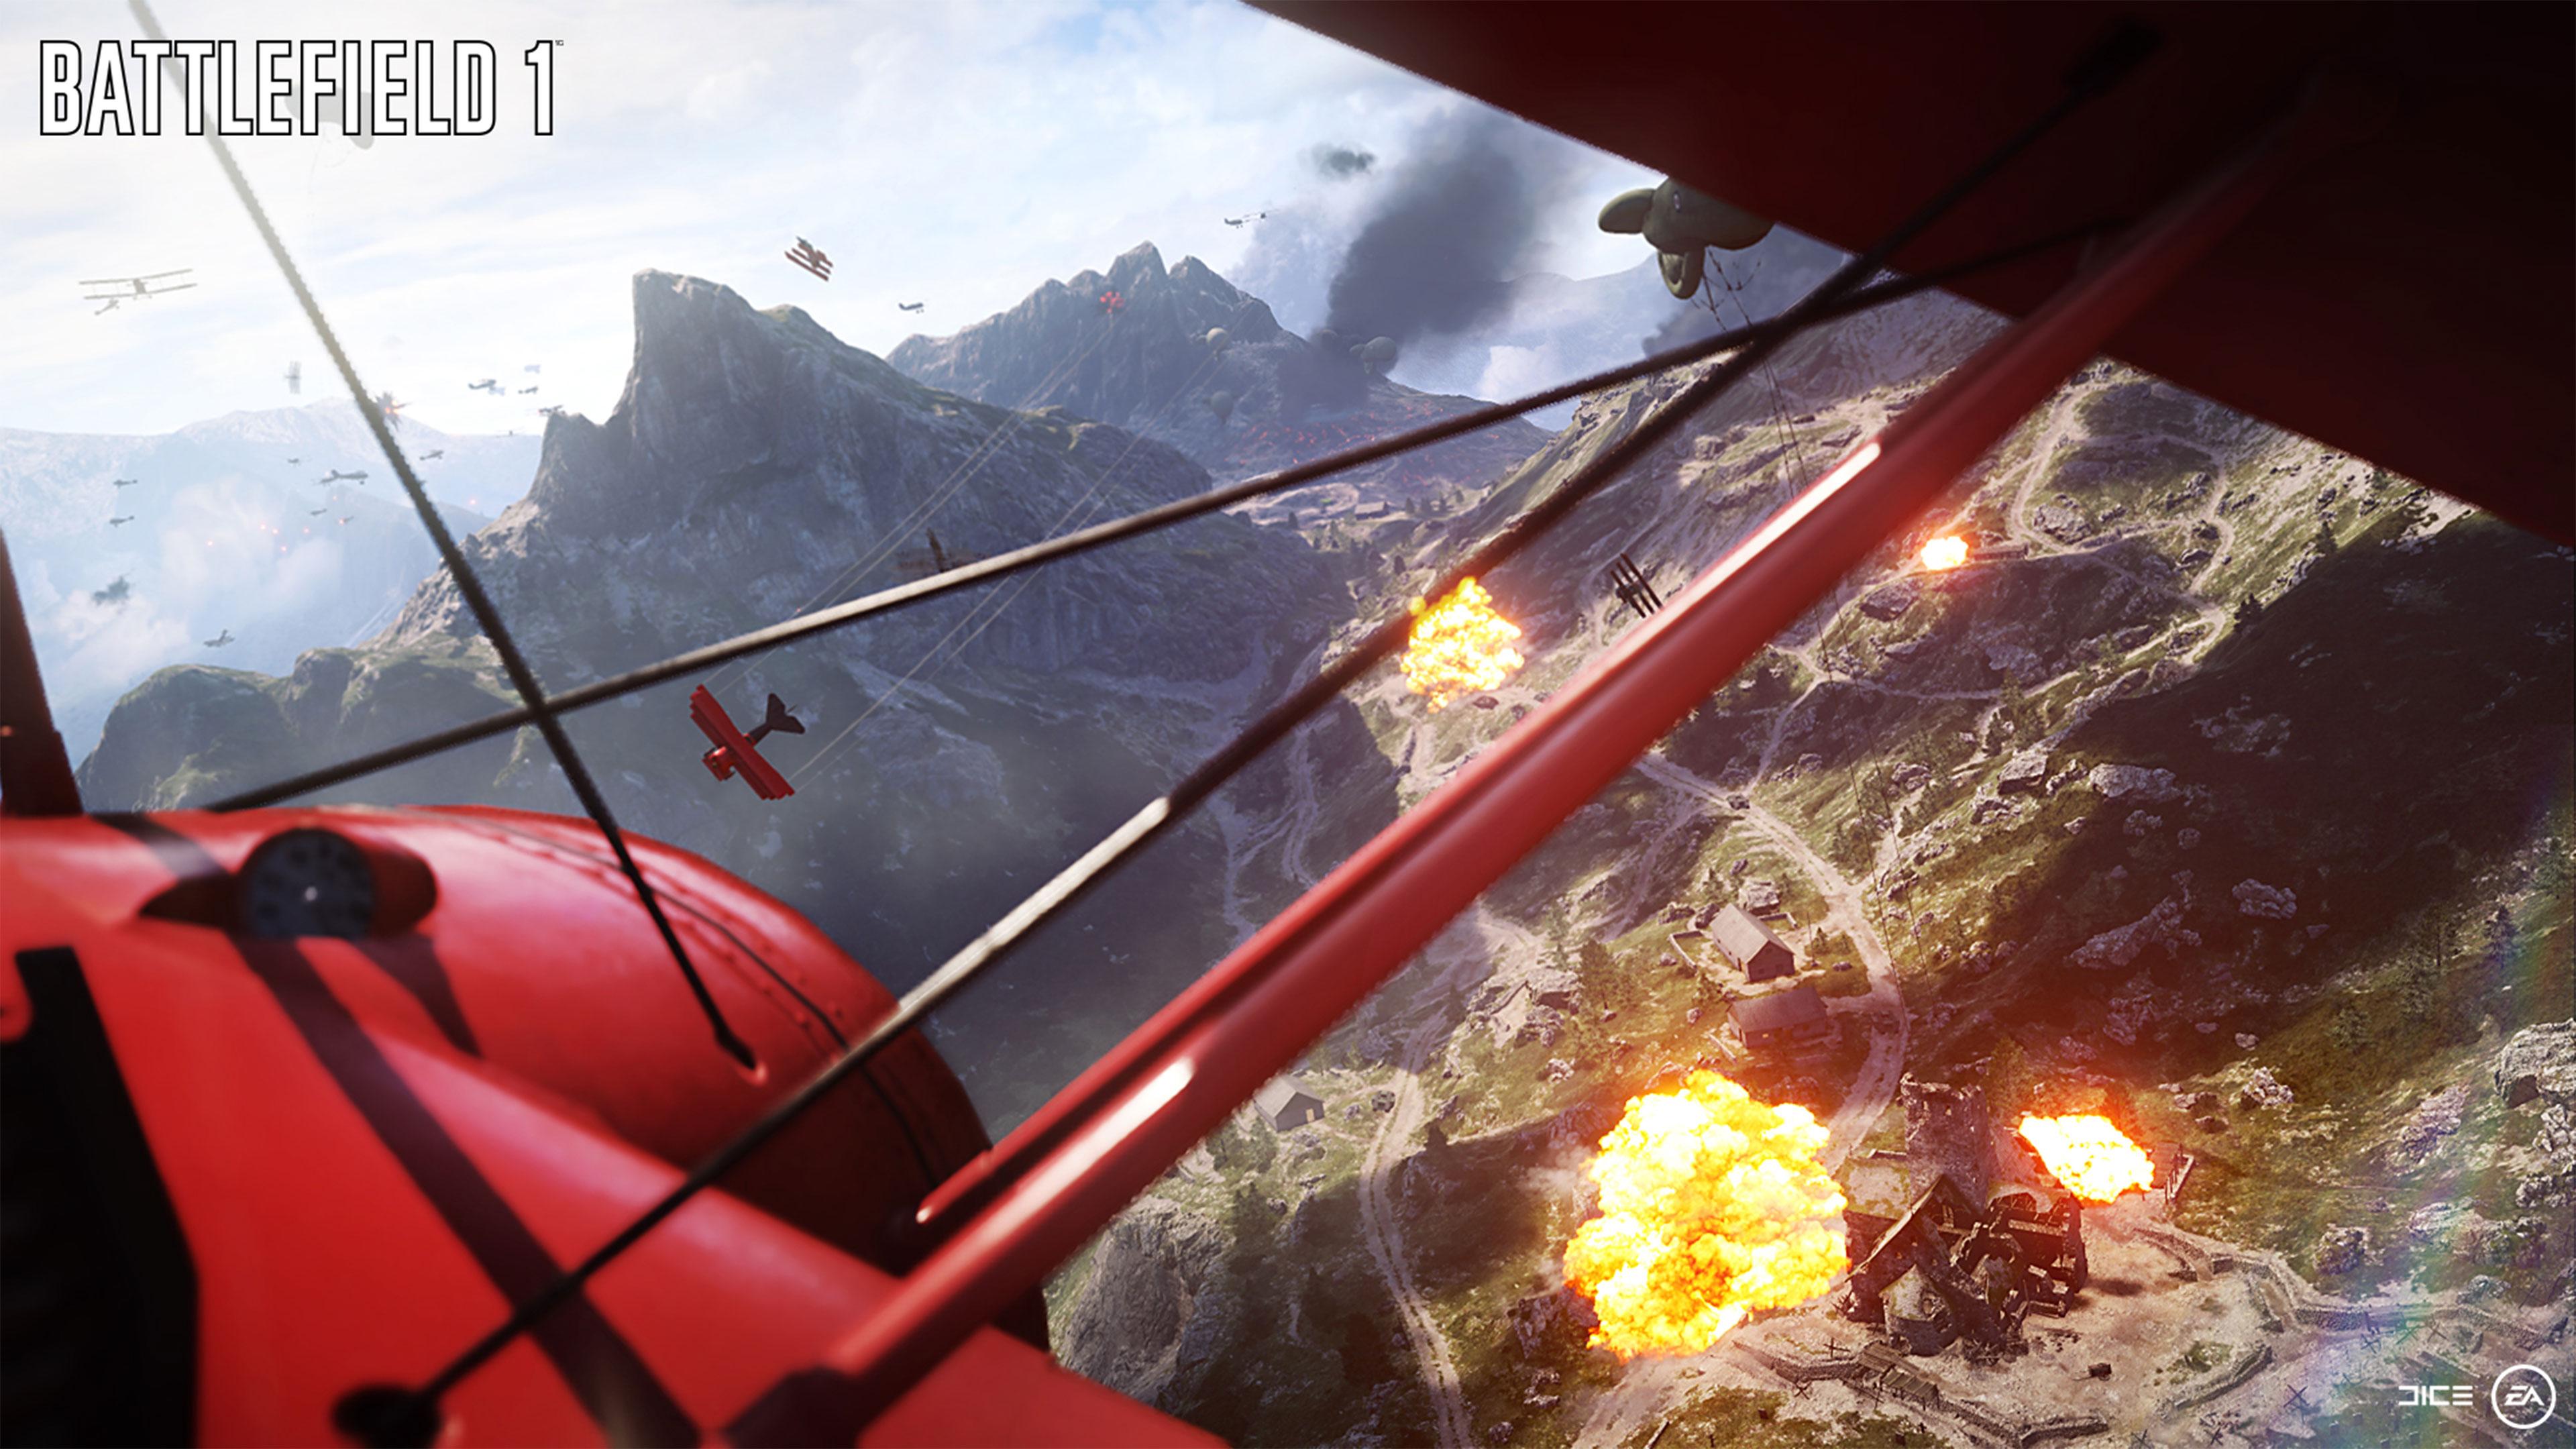 Battlefield 1 Wallpapers in Ultra HD 4K 3840x2160